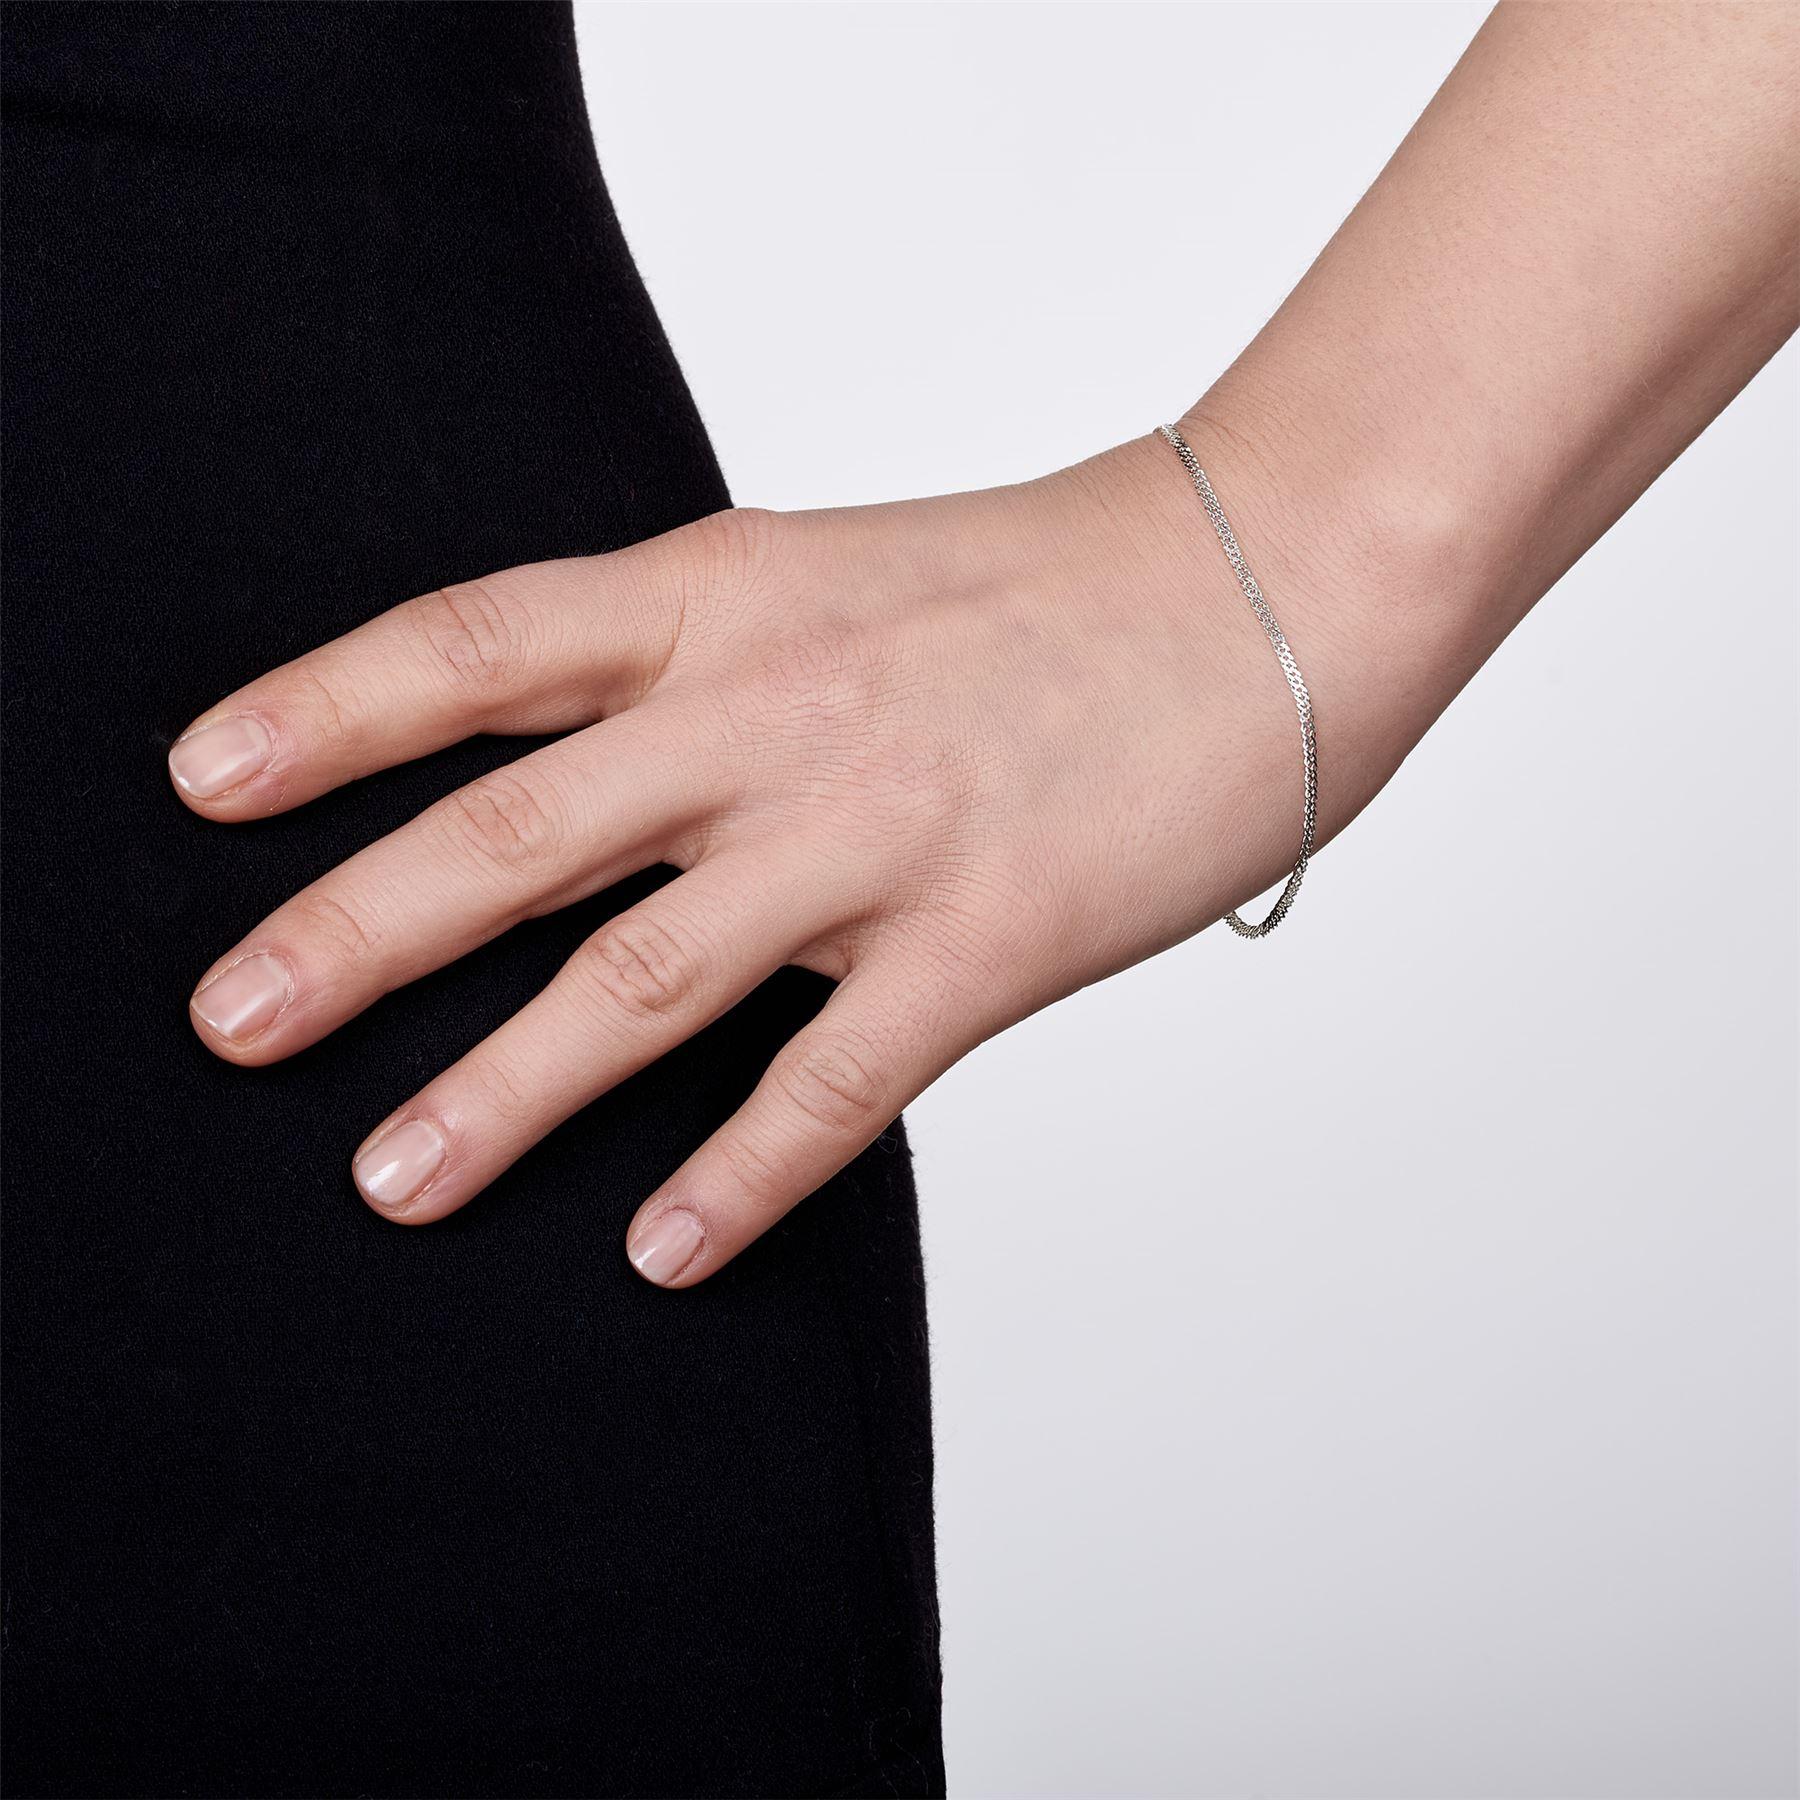 Amberta-Bijoux-Bracelet-en-Vrai-Argent-Sterling-925-Chaine-pour-Femme-a-la-Mode thumbnail 55